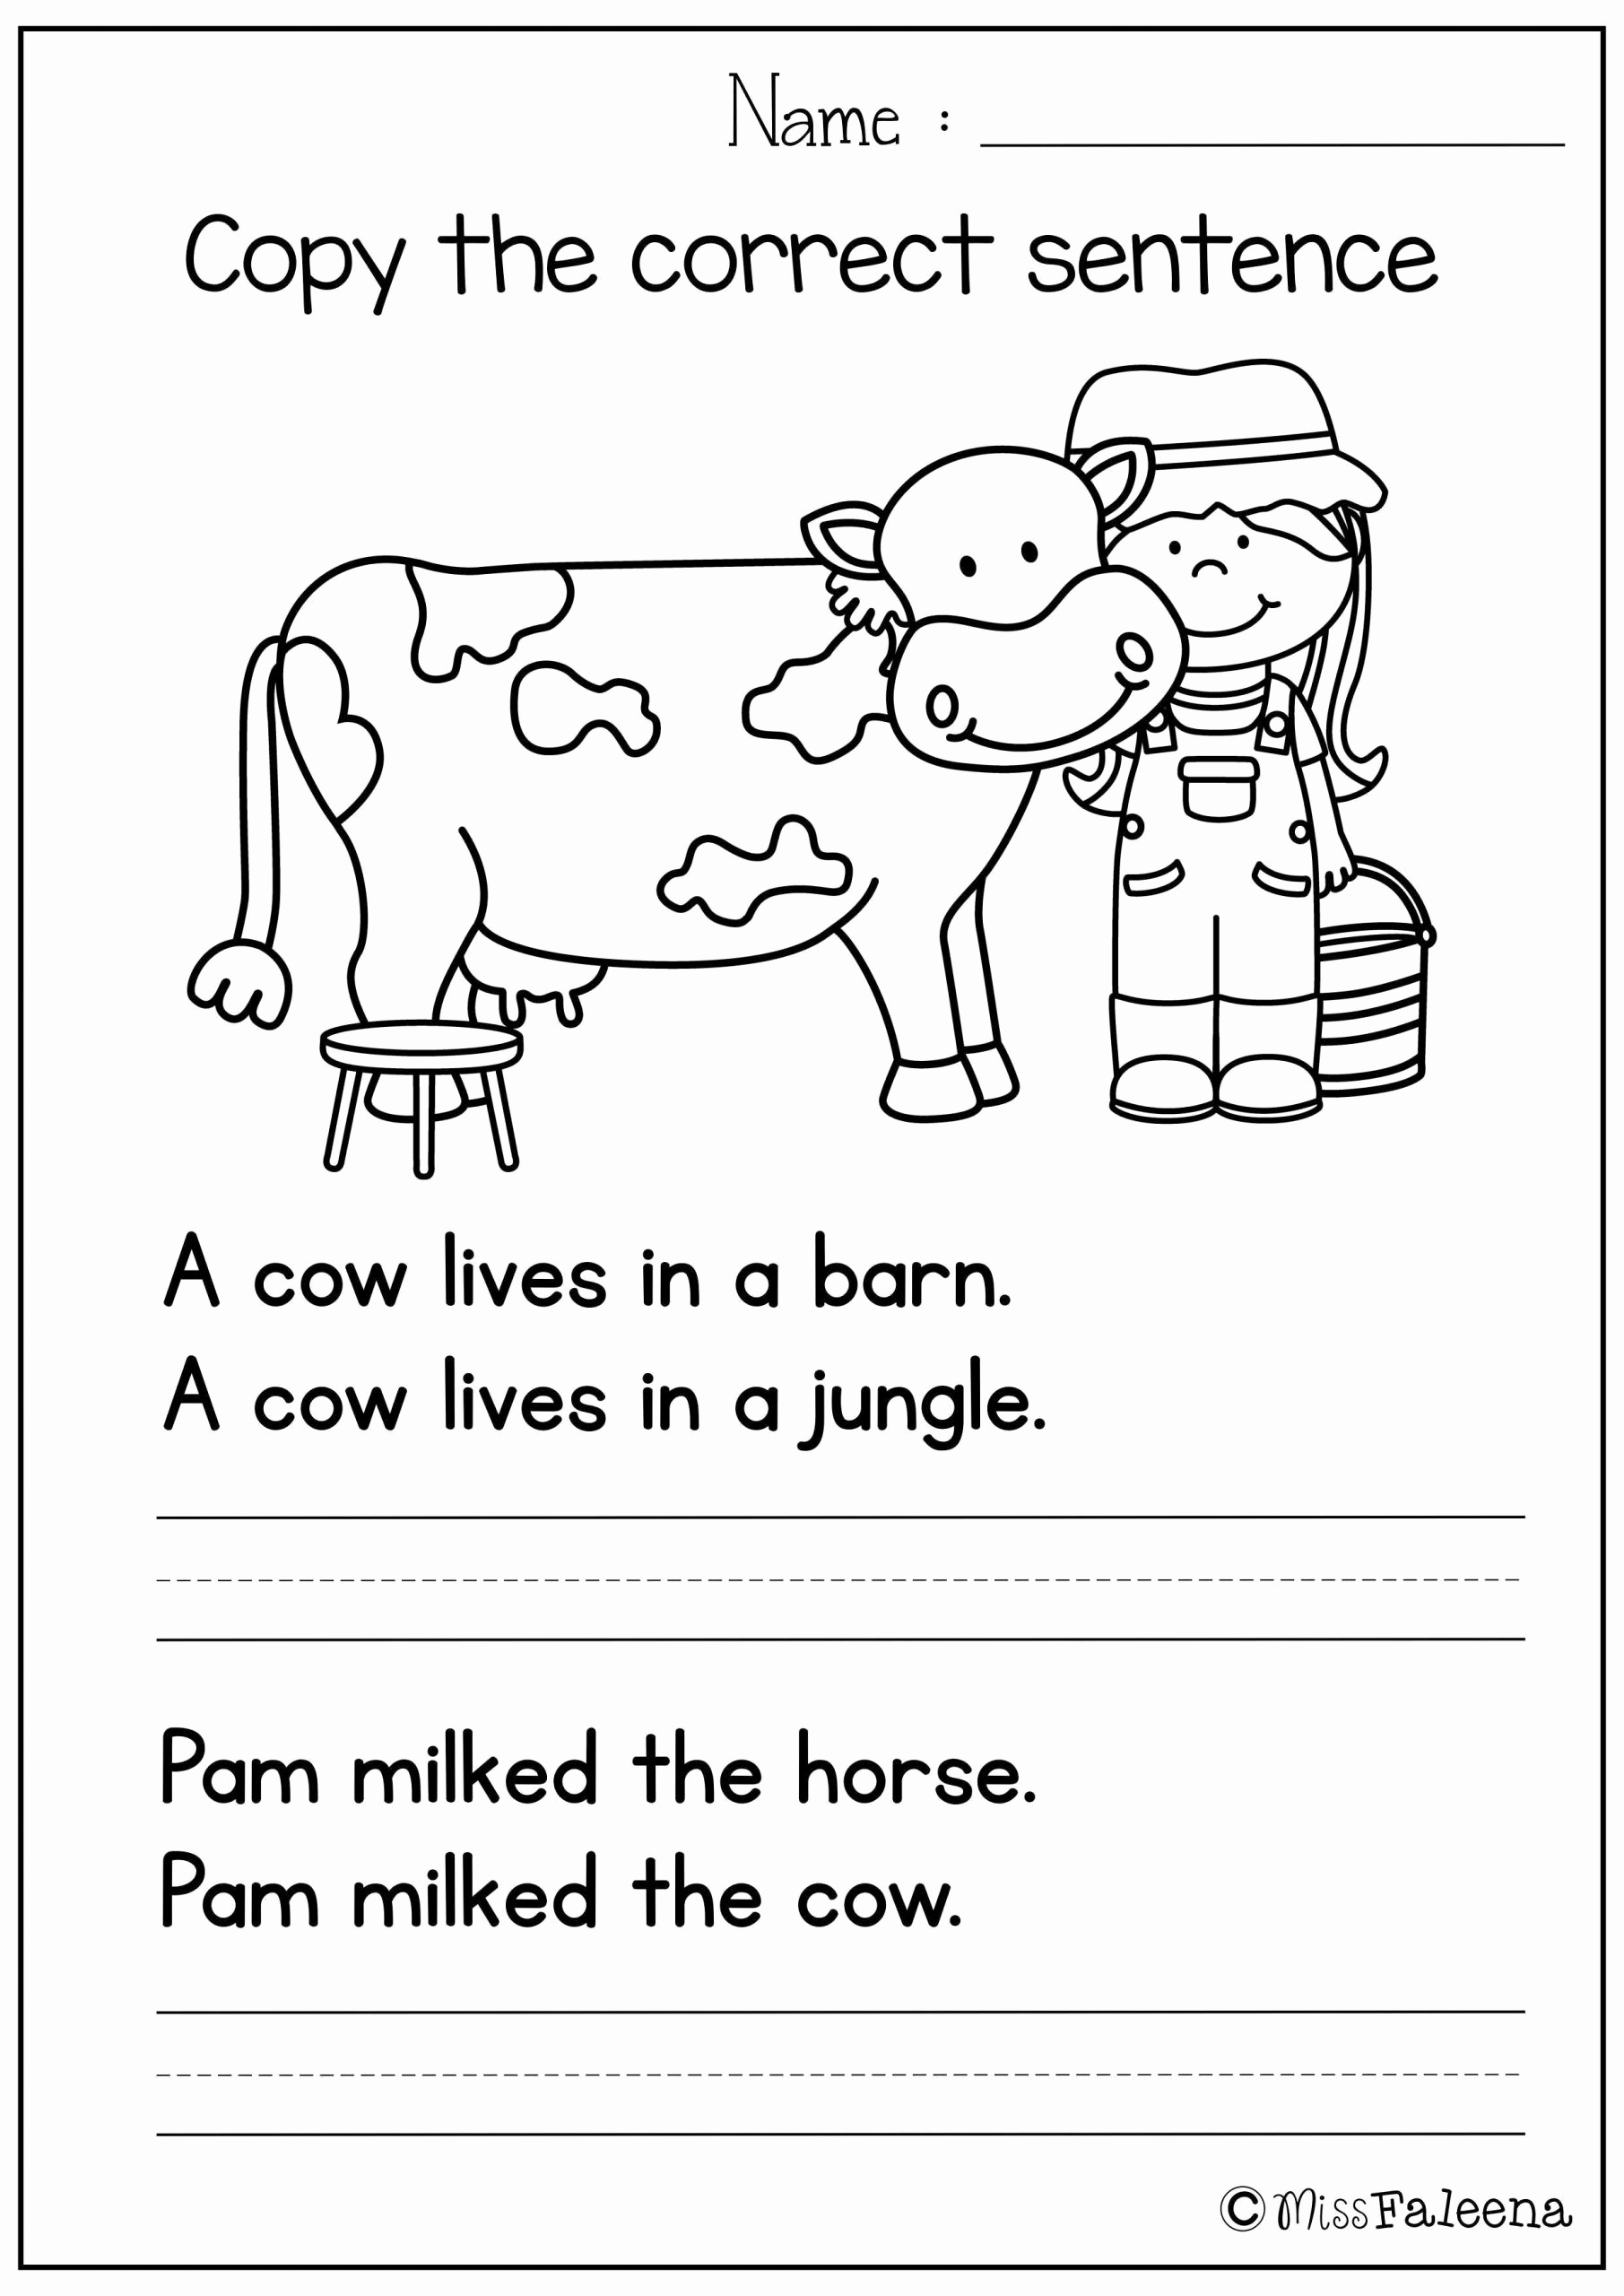 Sentence Worksheets for First Grade Elegant Unscramble Sentences Worksheets 1st Grade Free Sentence